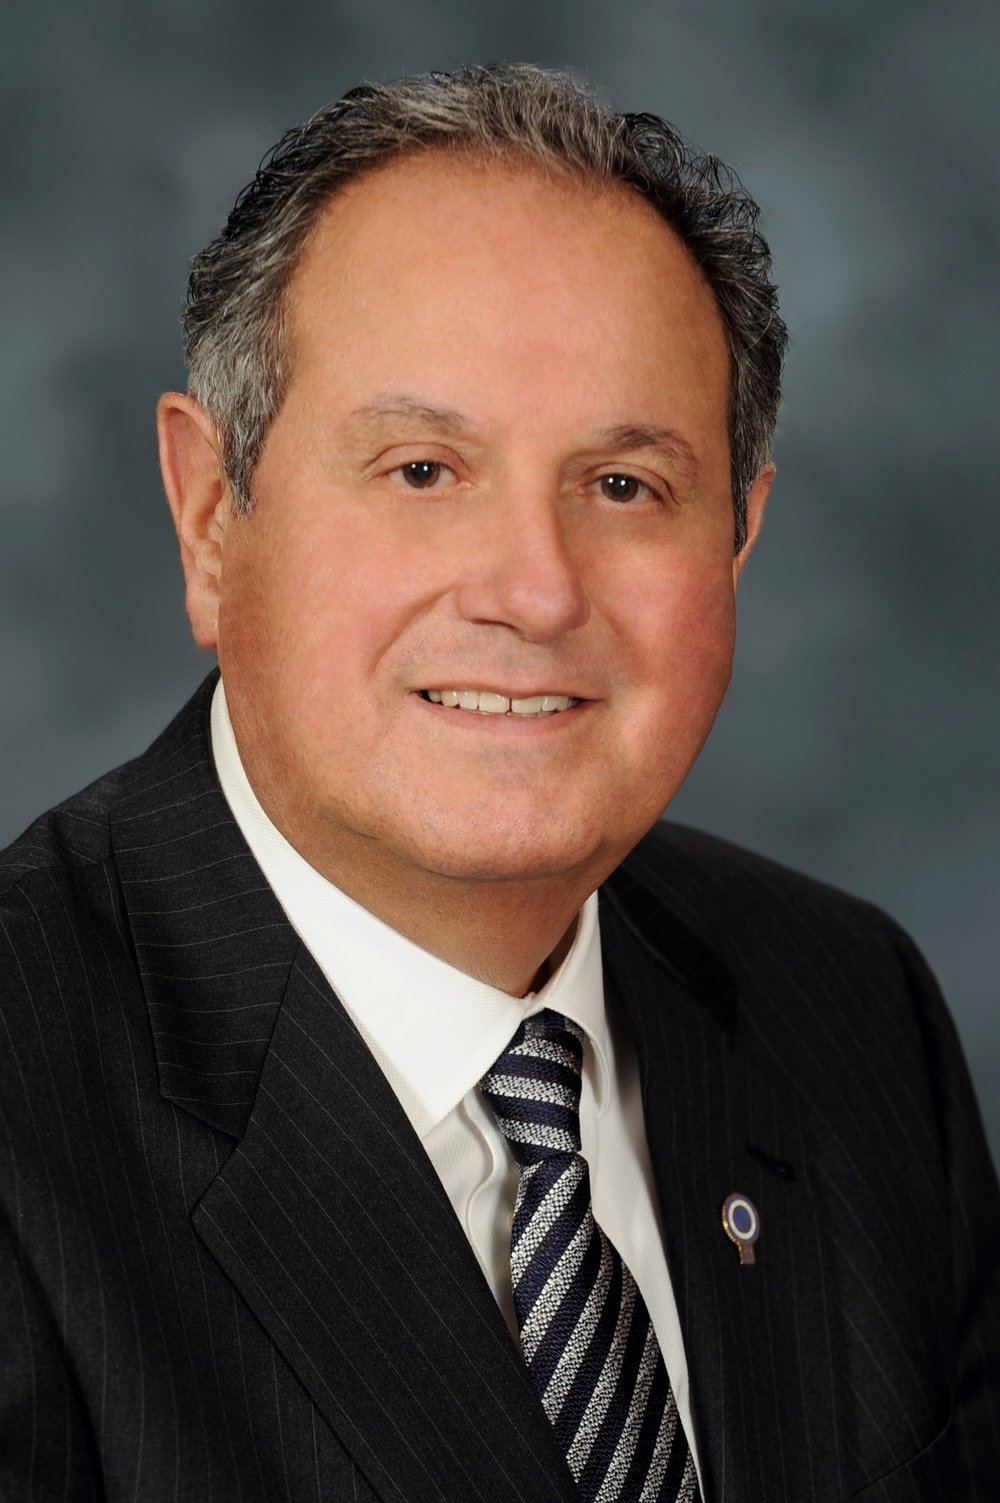 Armand E. Sabitoni